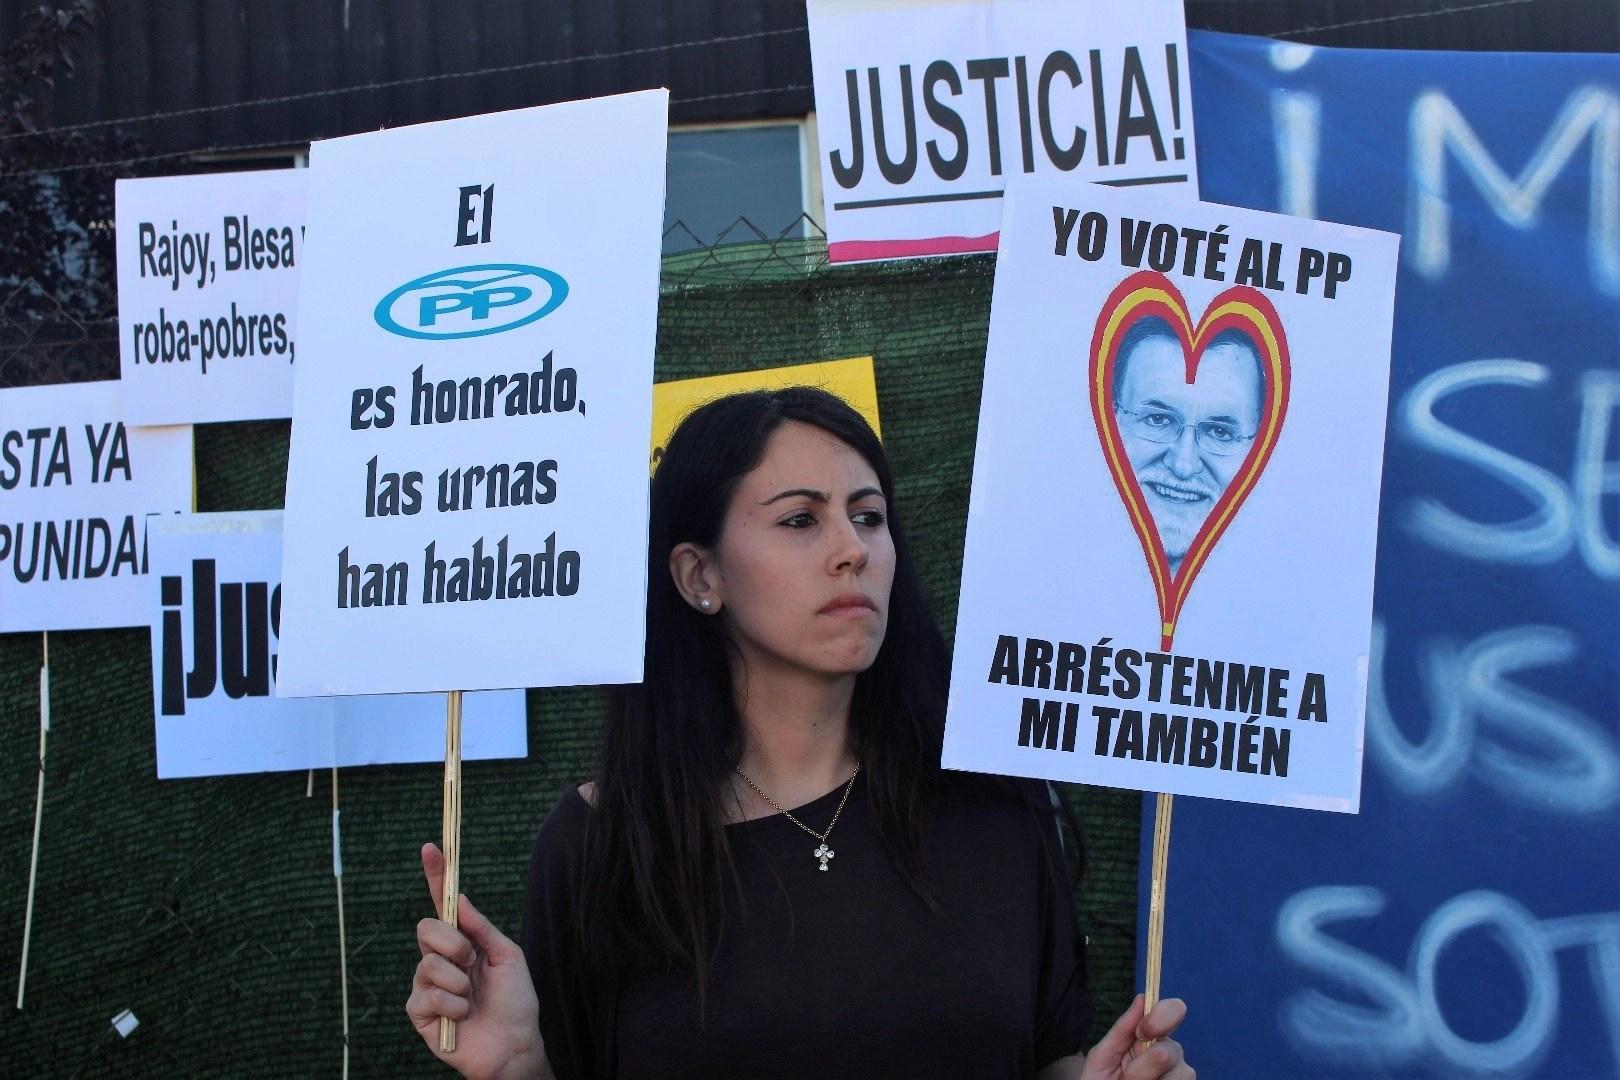 7. 'Arrésteme a mí también': Apoyan a Rajoy y casi les 'calientan'